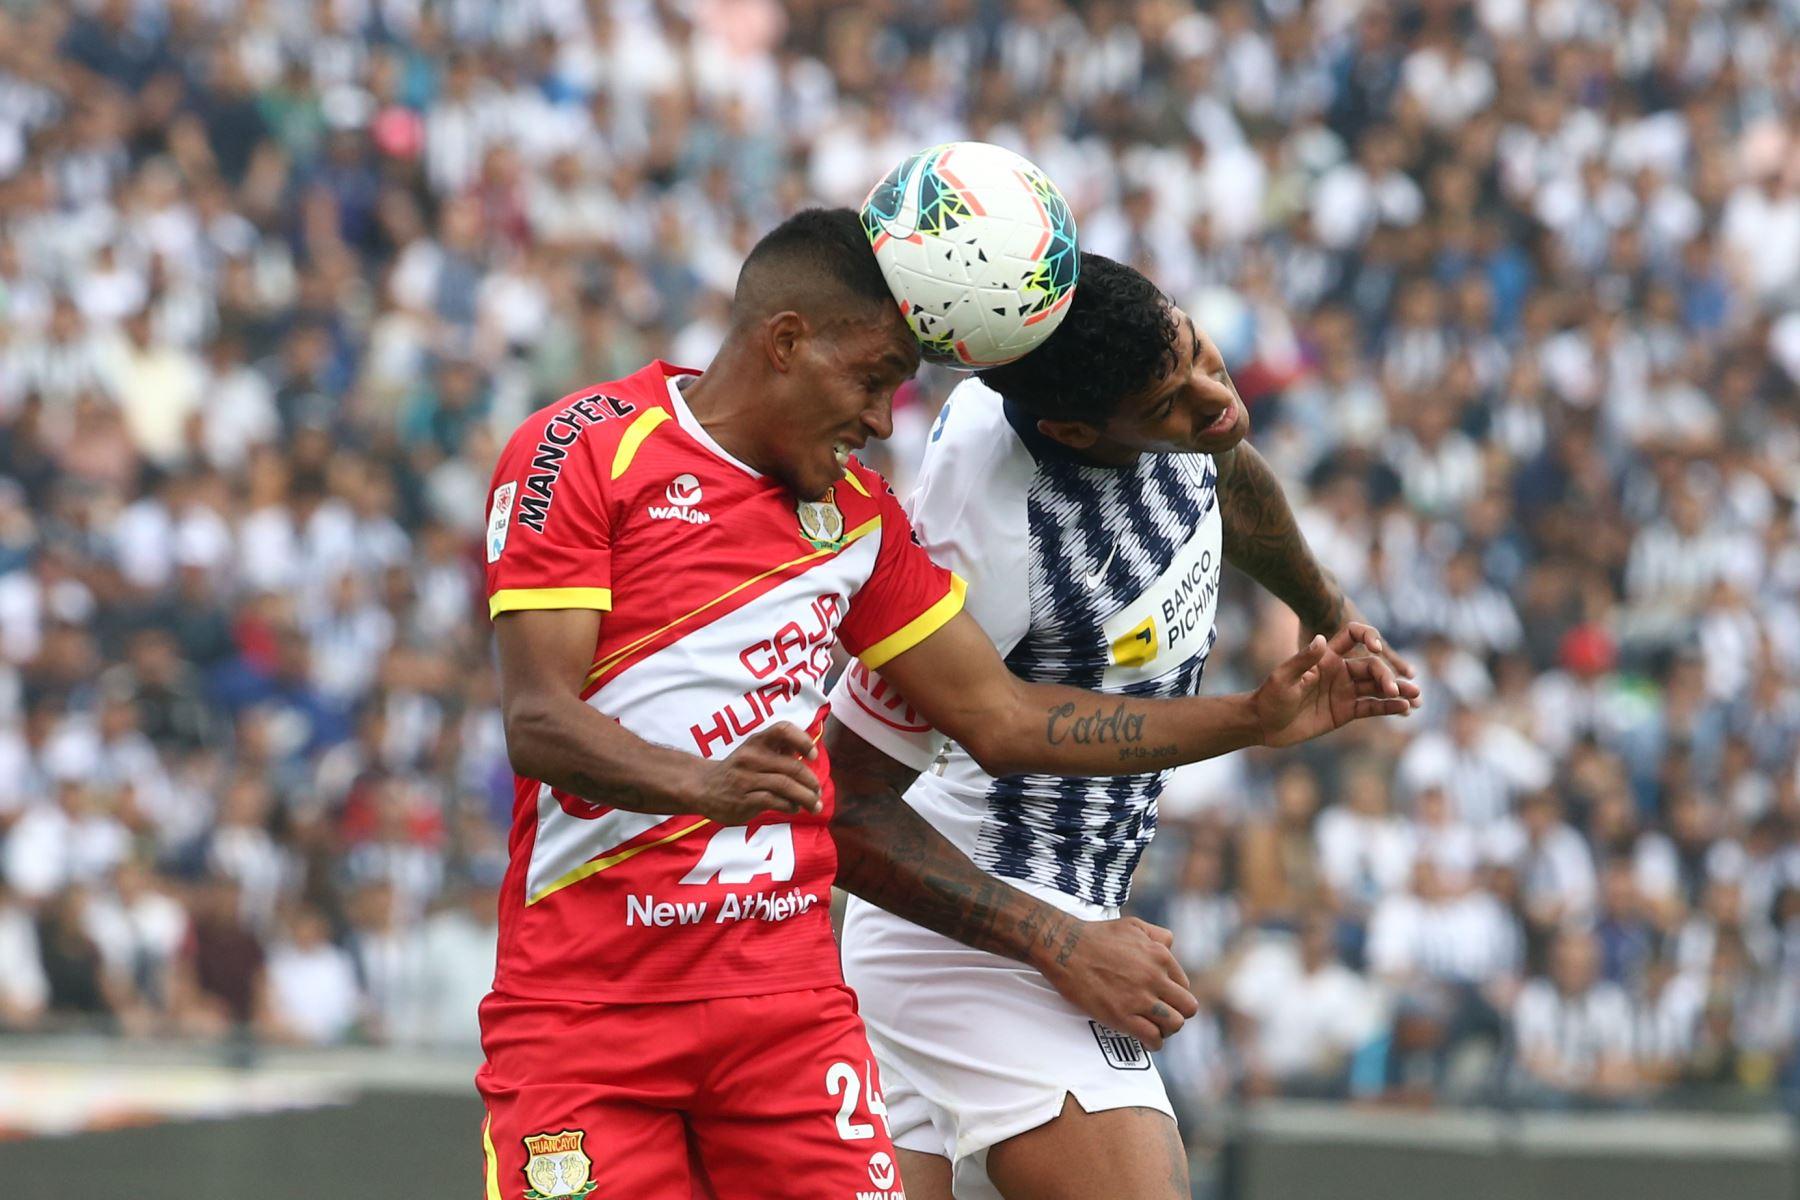 Adrián Balboa de Alianza Lima disputa el balon ante jugador  Sport Huancayo por la fecha 16 del Torneo Clausura de la Liga 1en el estadio Alejandro Villanueva de La Victoria. Foto: ANDINA/Vidal Tarqui